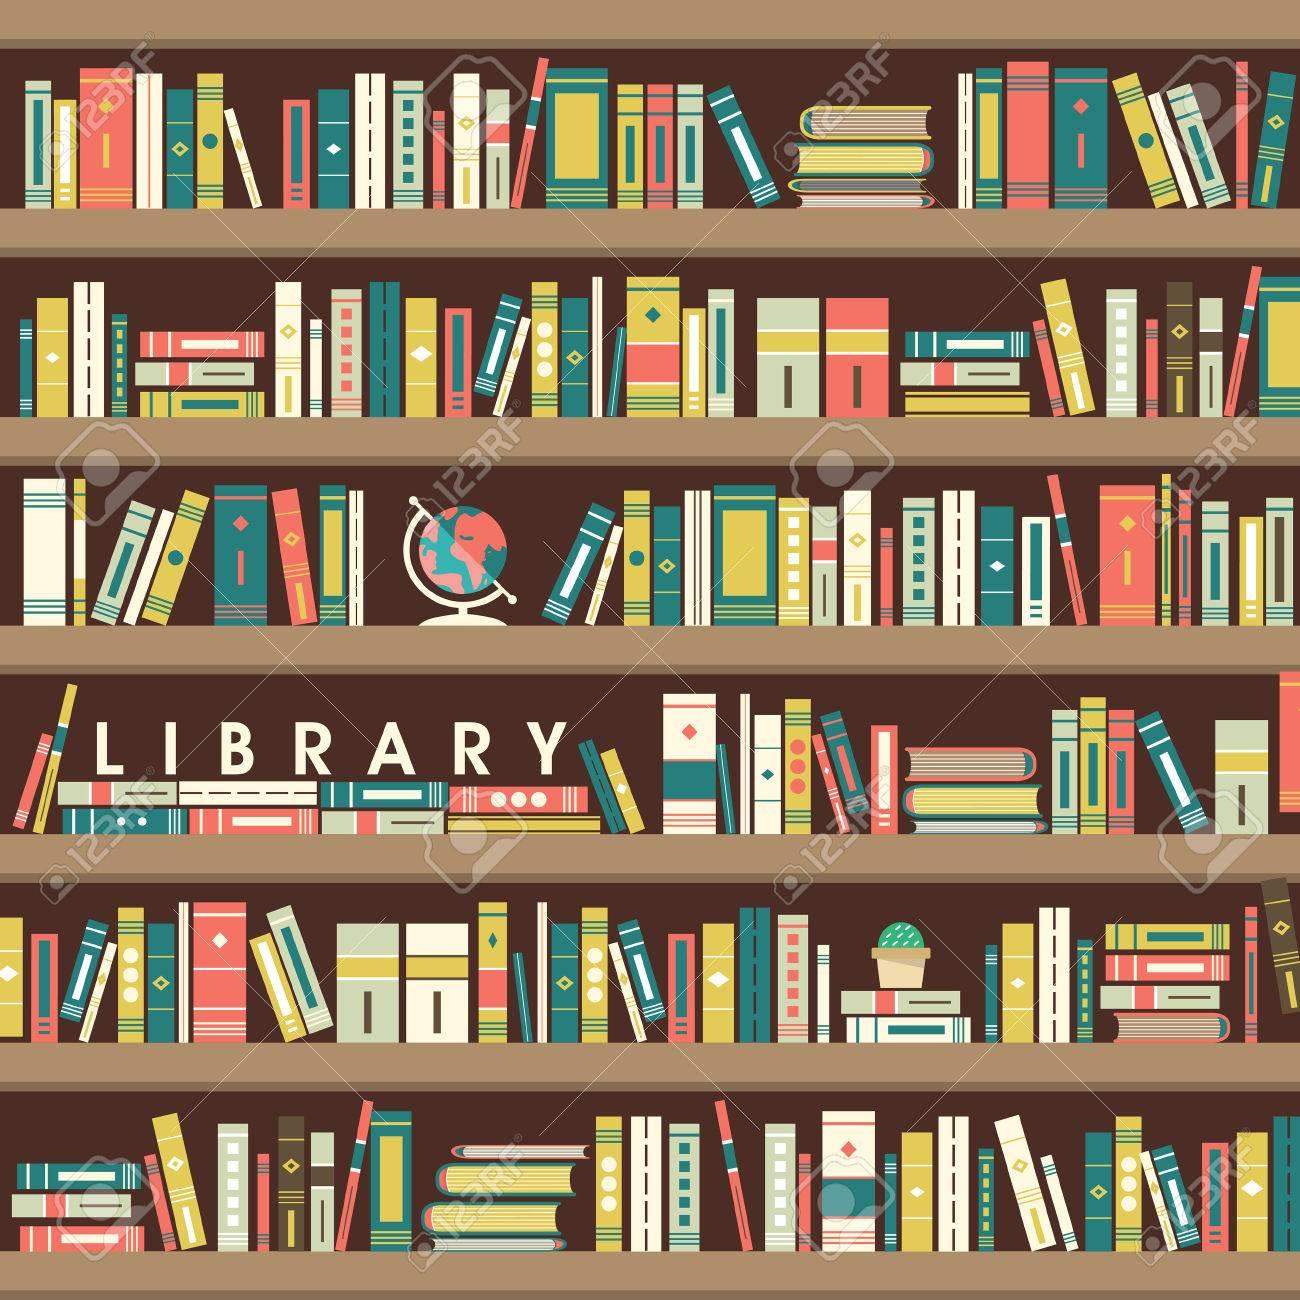 Bibliothèque Illustration De La Scène Dans Le Style De Design Plat Clip Art  Libres De Droits , Vecteurs Et Illustration. Image 35380761.